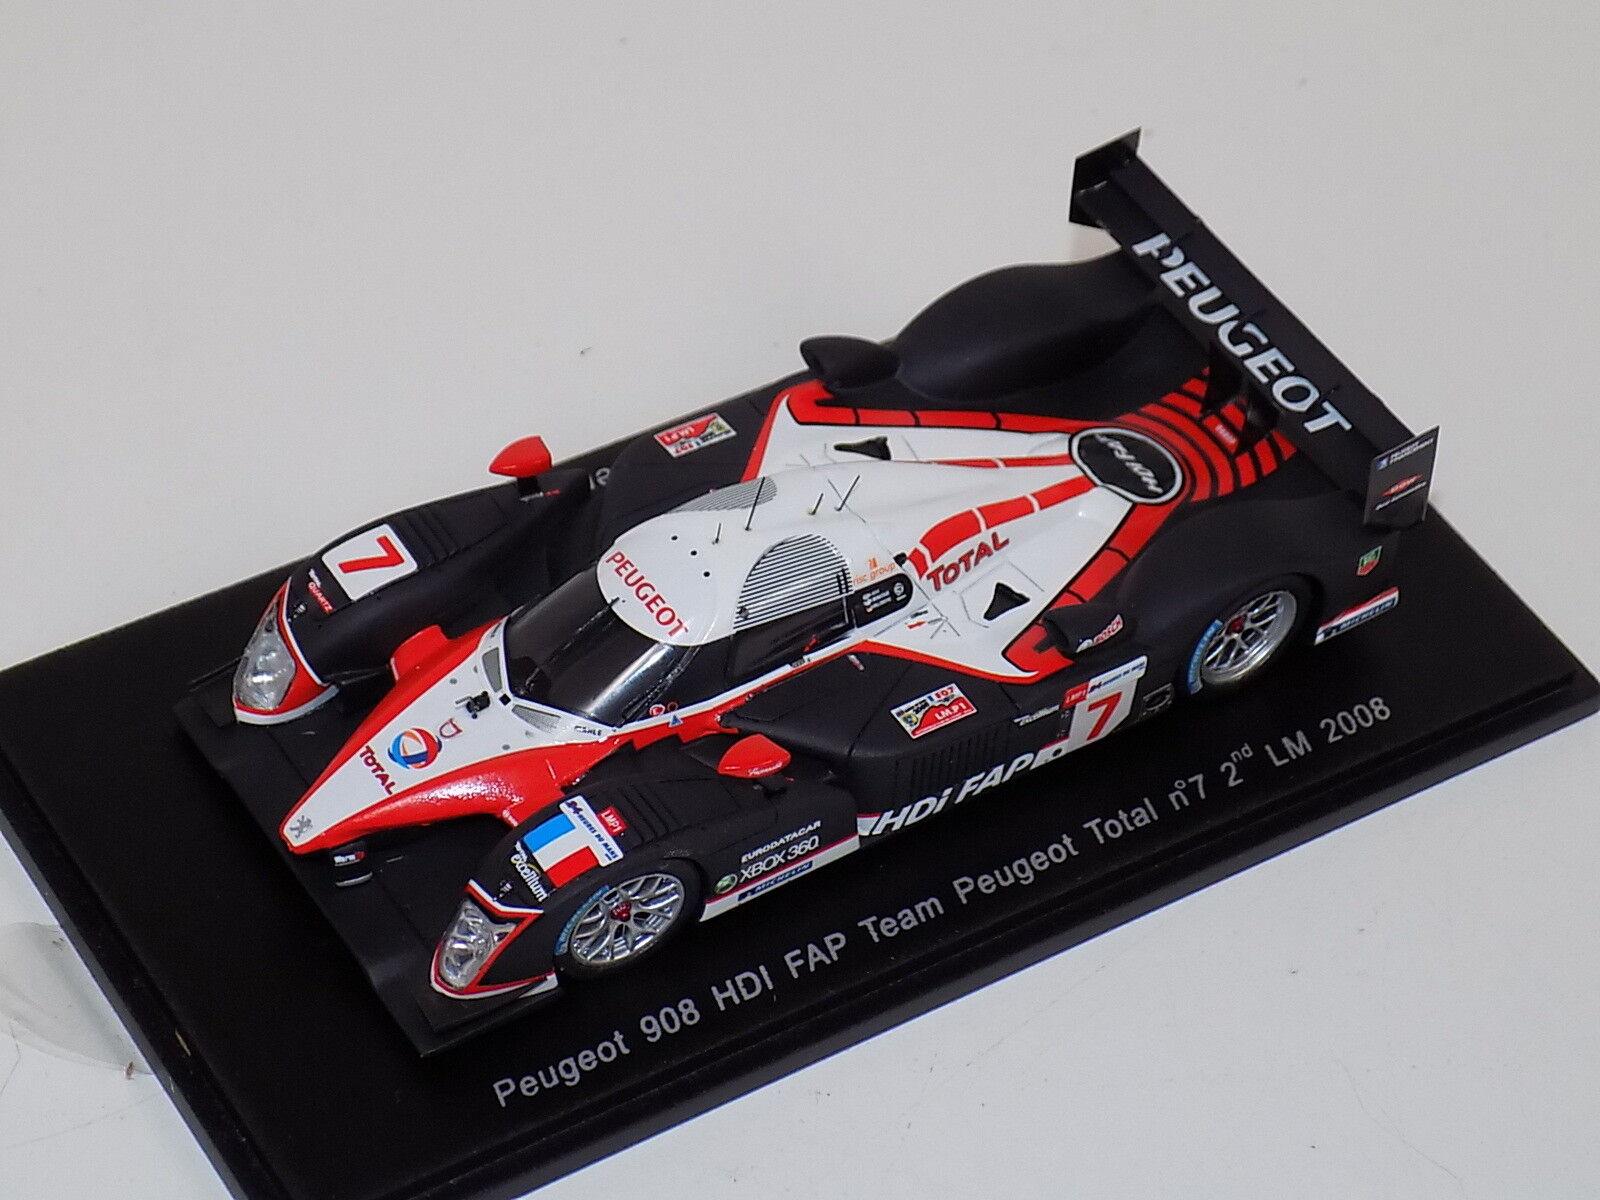 1 43 Spark Peugeot 908 HDi FAP coche nd en 2008 24 H de Le Mans S1279